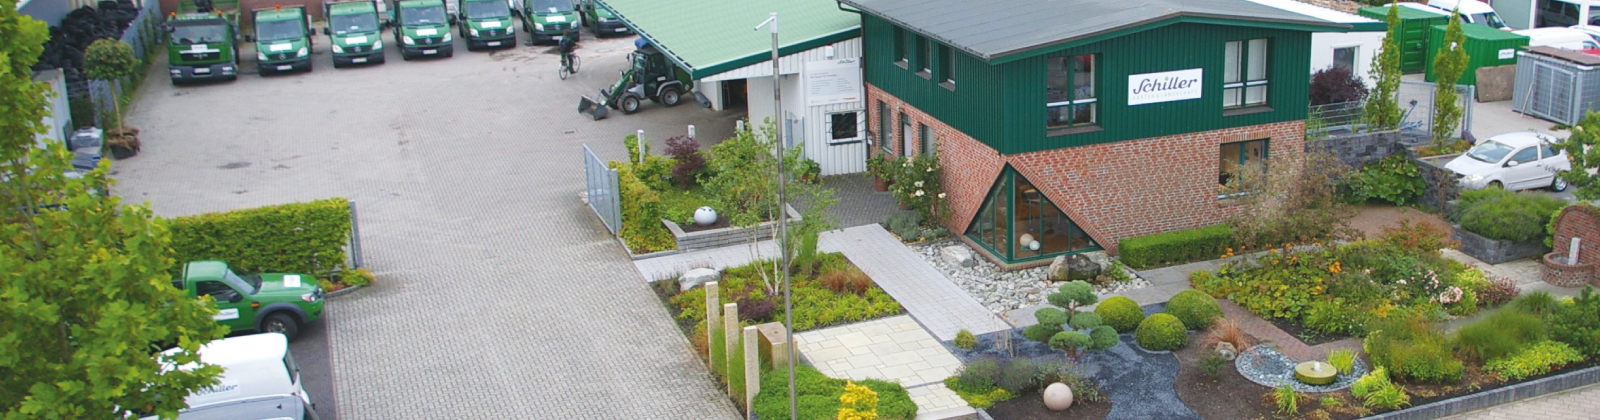 Schiller Gartengestaltung - Garten und Landschaftsbau Cuxhaven